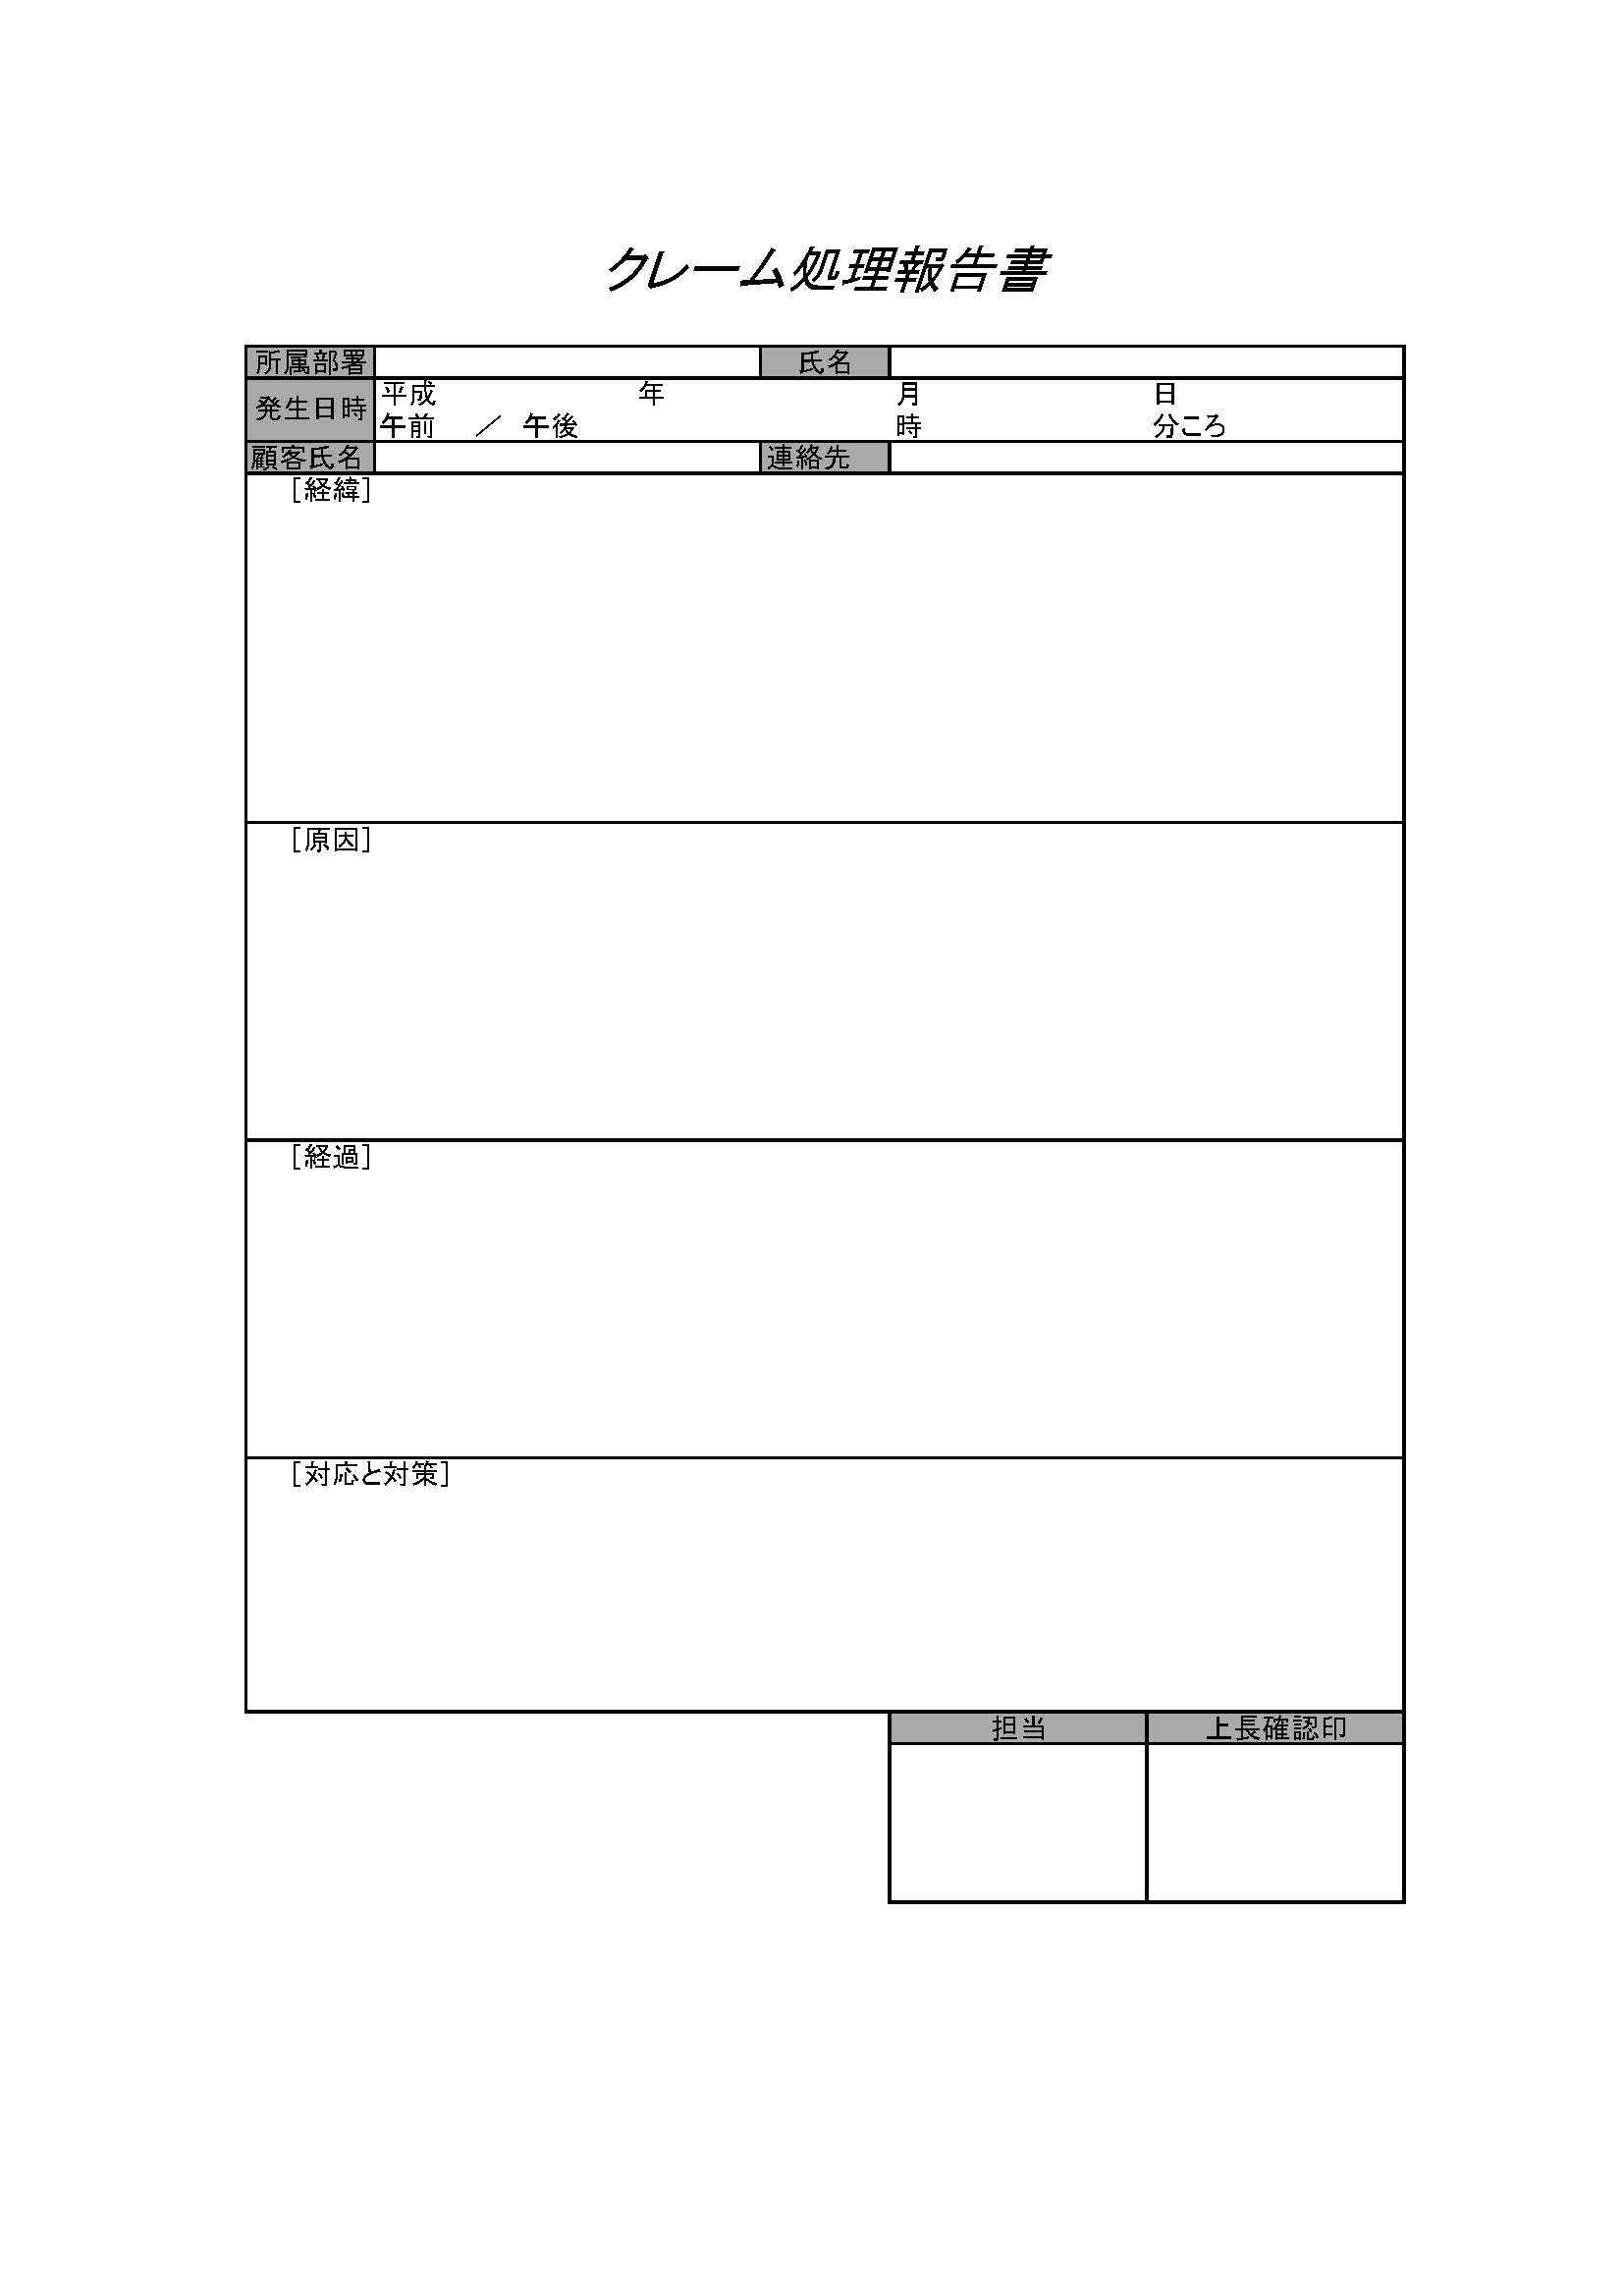 クレーム処理報告書